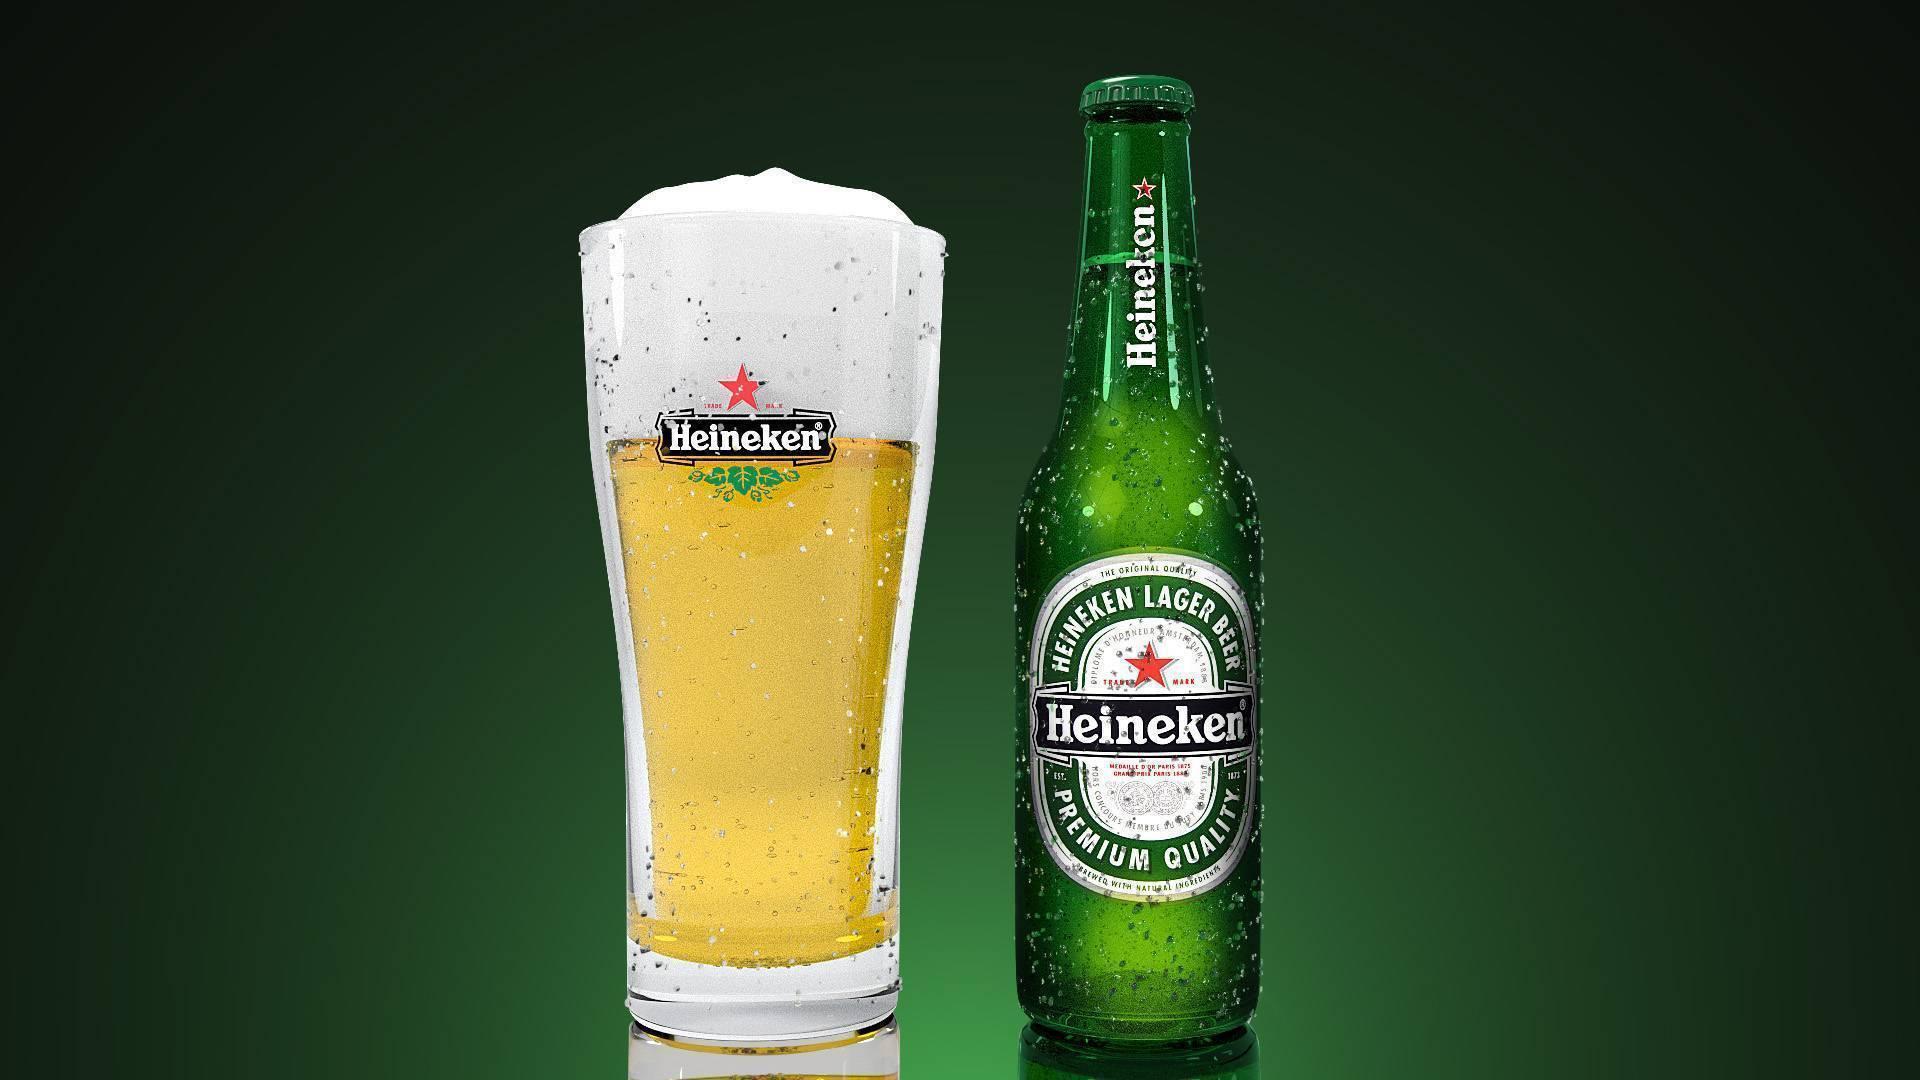 """Пиво """"хайнекен"""": отзывы покупателей о напитке и производителе"""